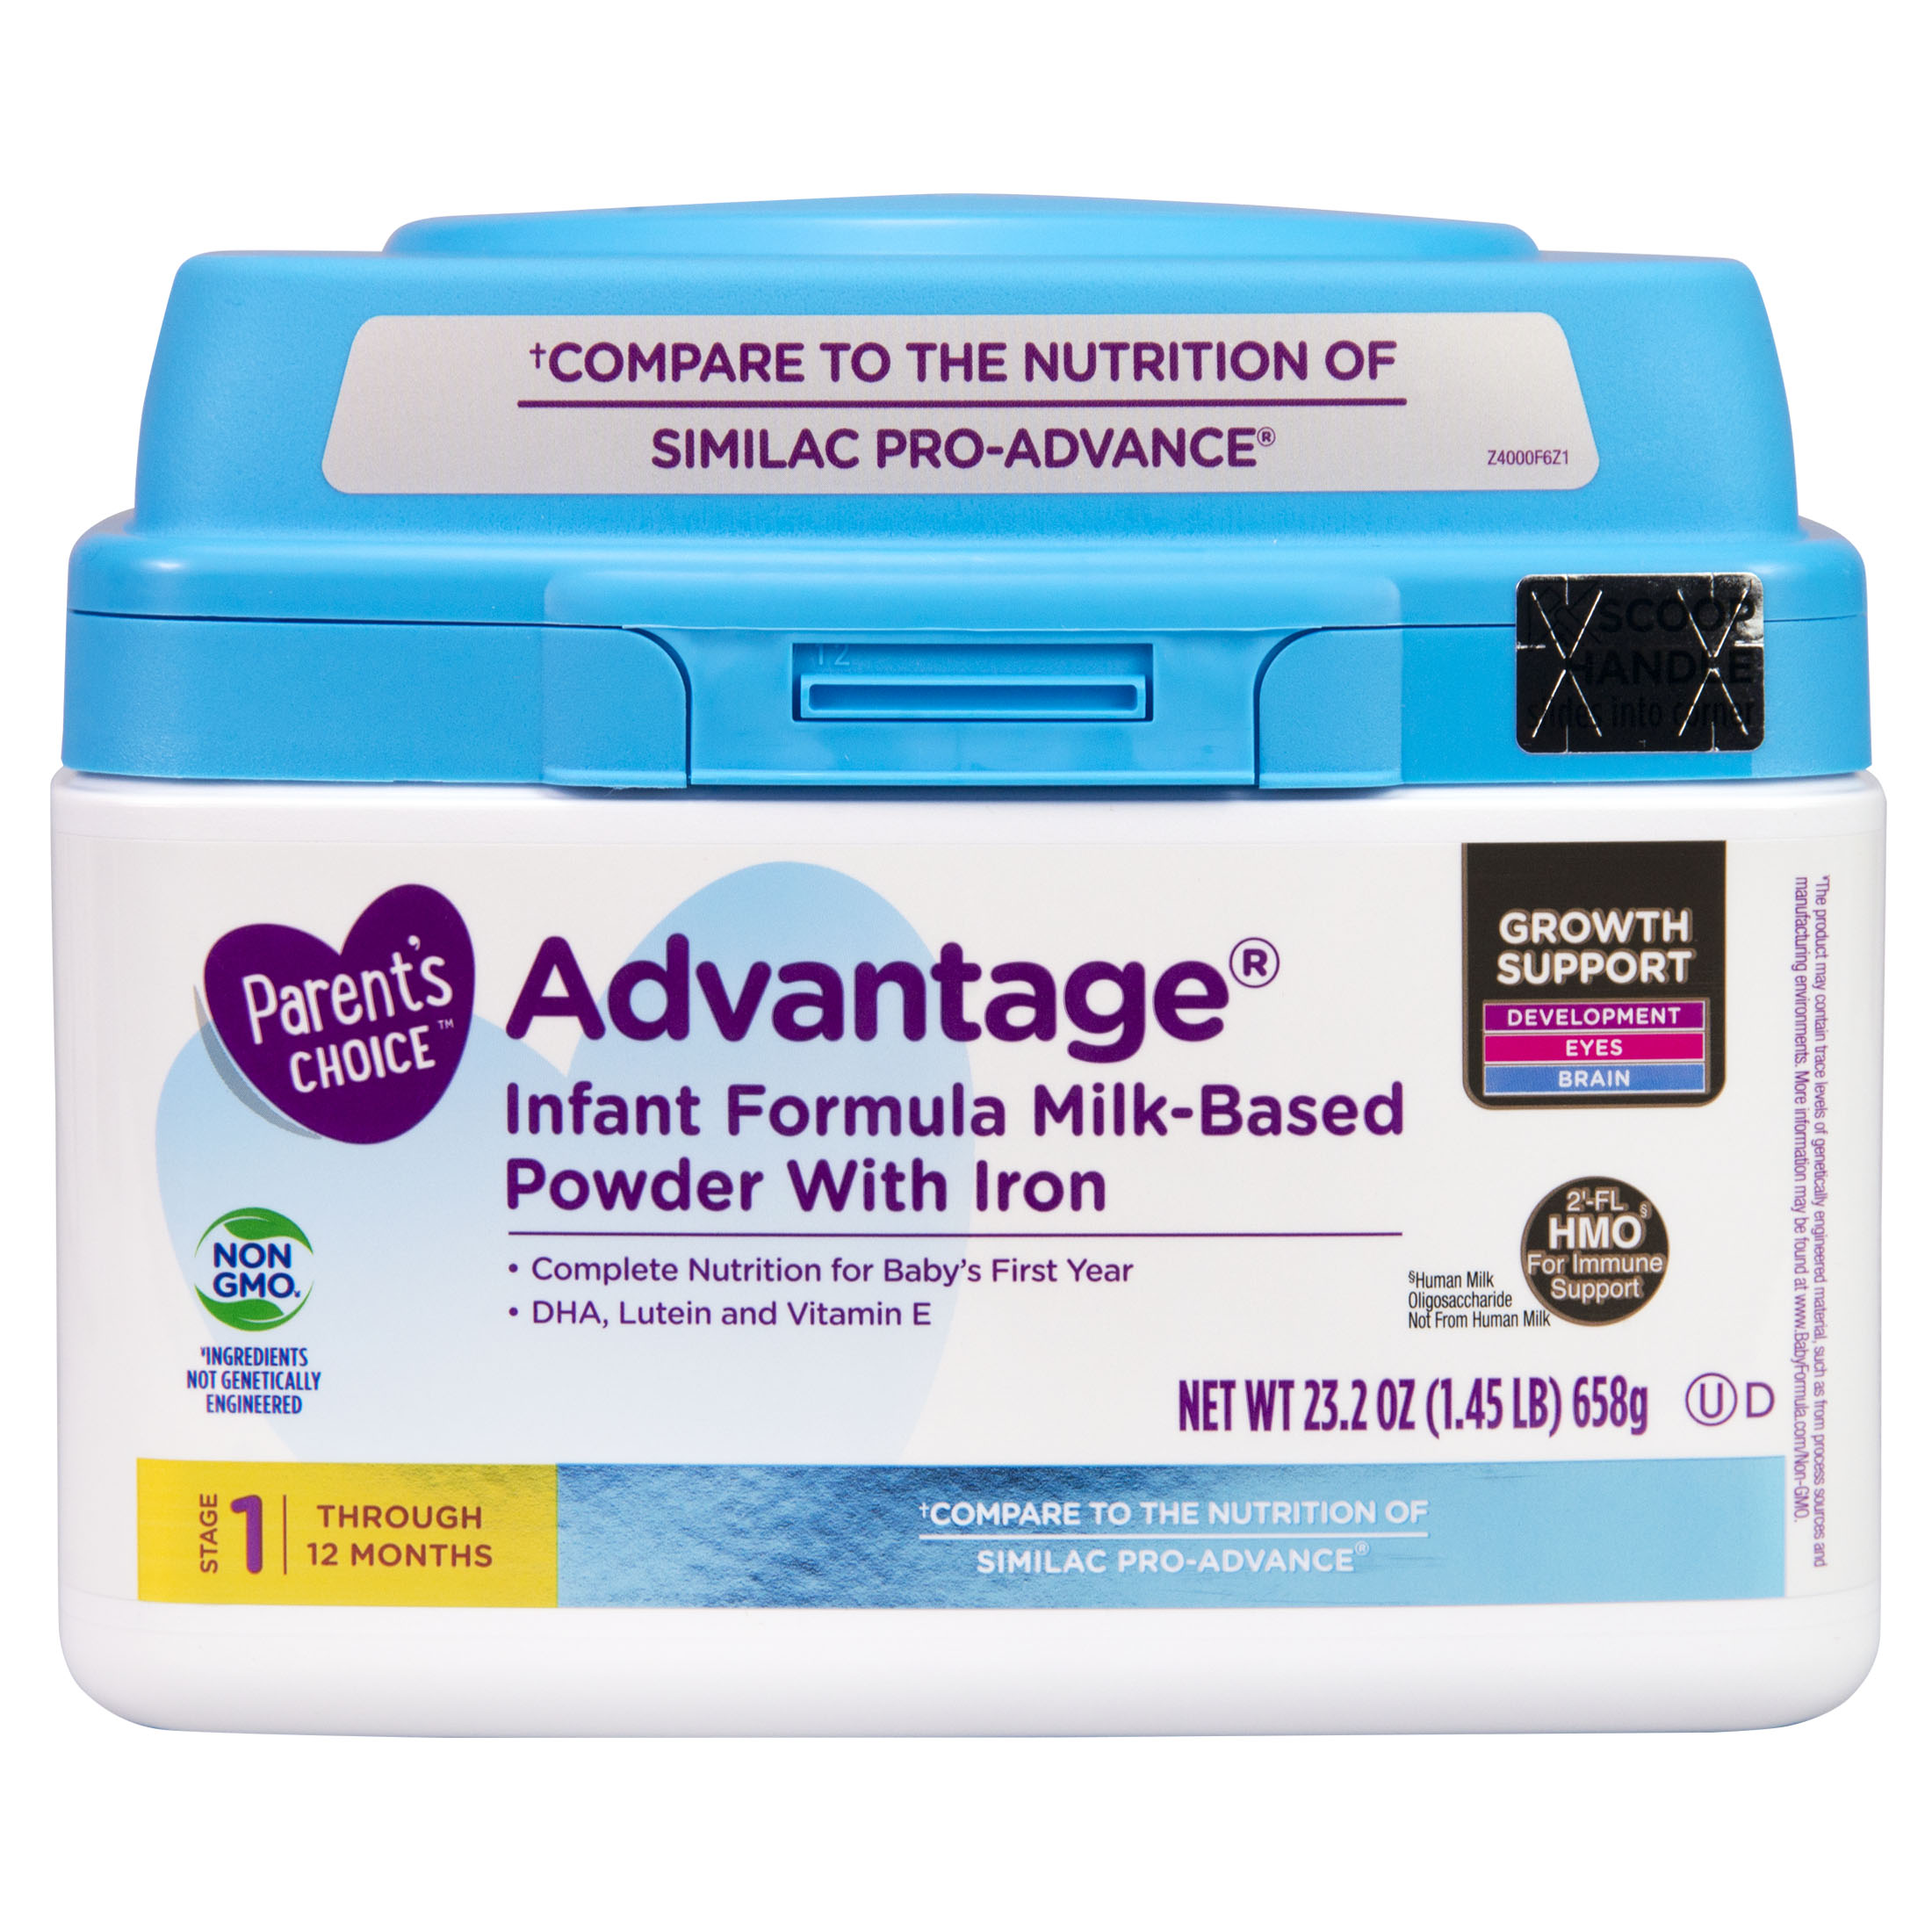 Parent s Choice HMO & Non GMO Advantage Infant Formula 23 2 oz